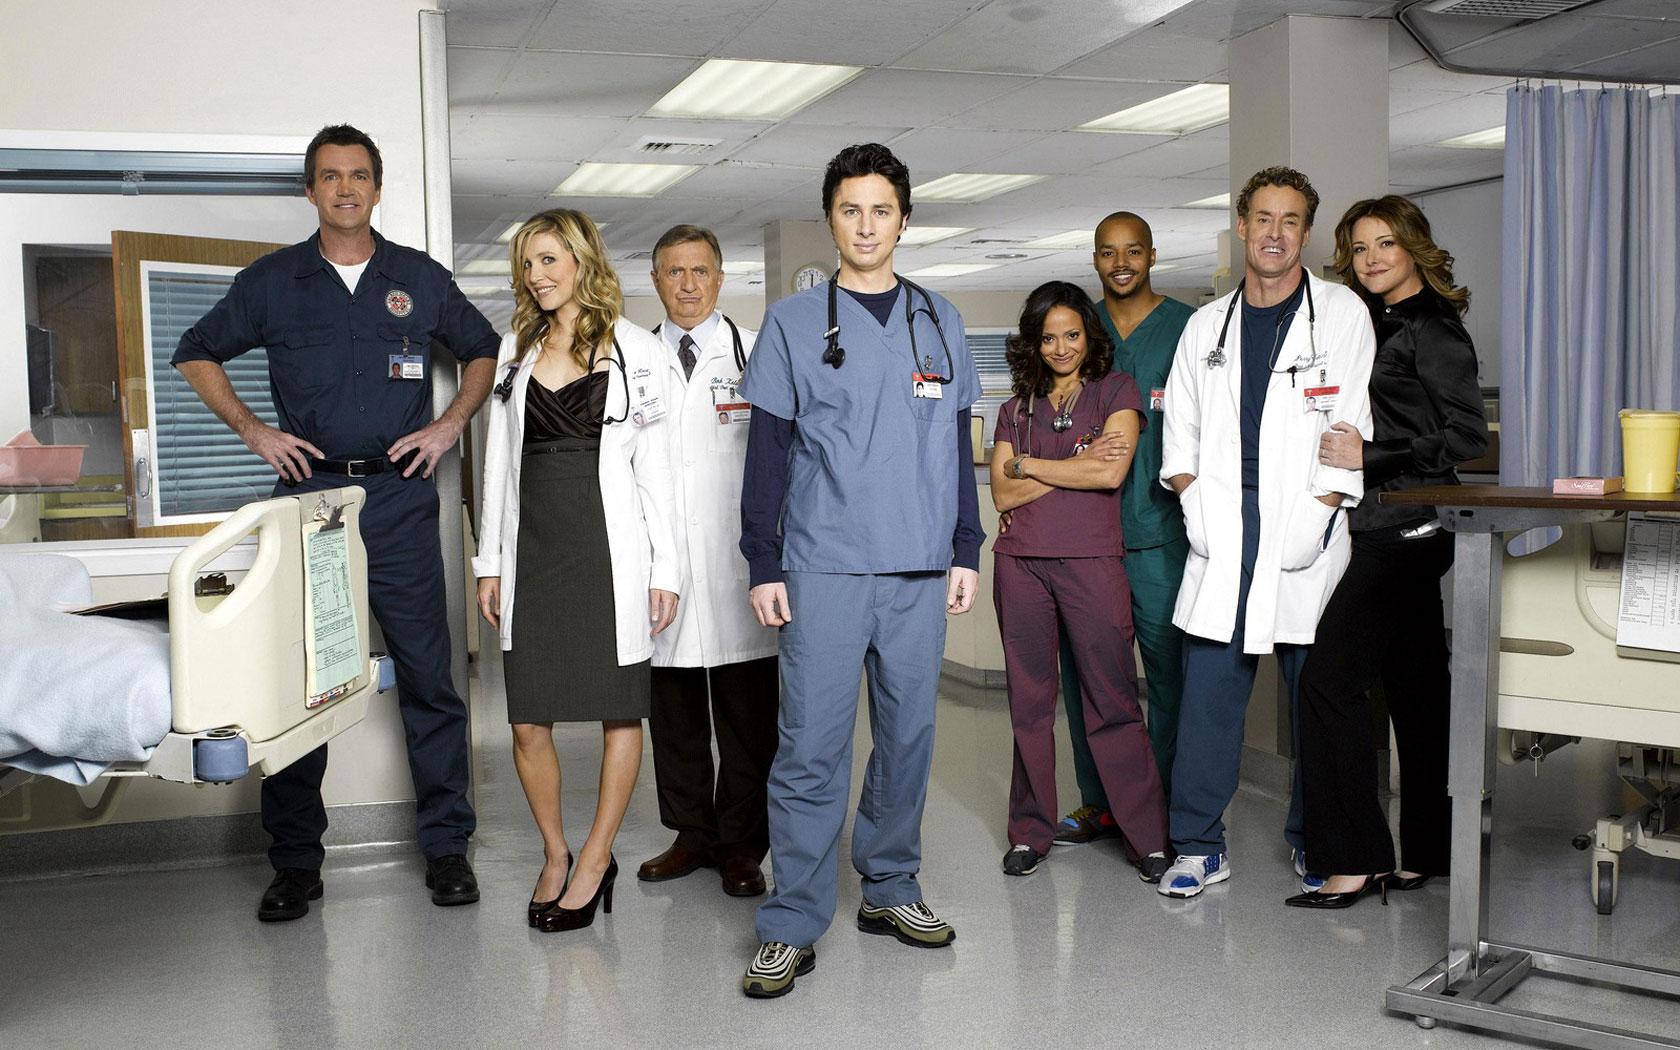 Finally caught up: scrubs